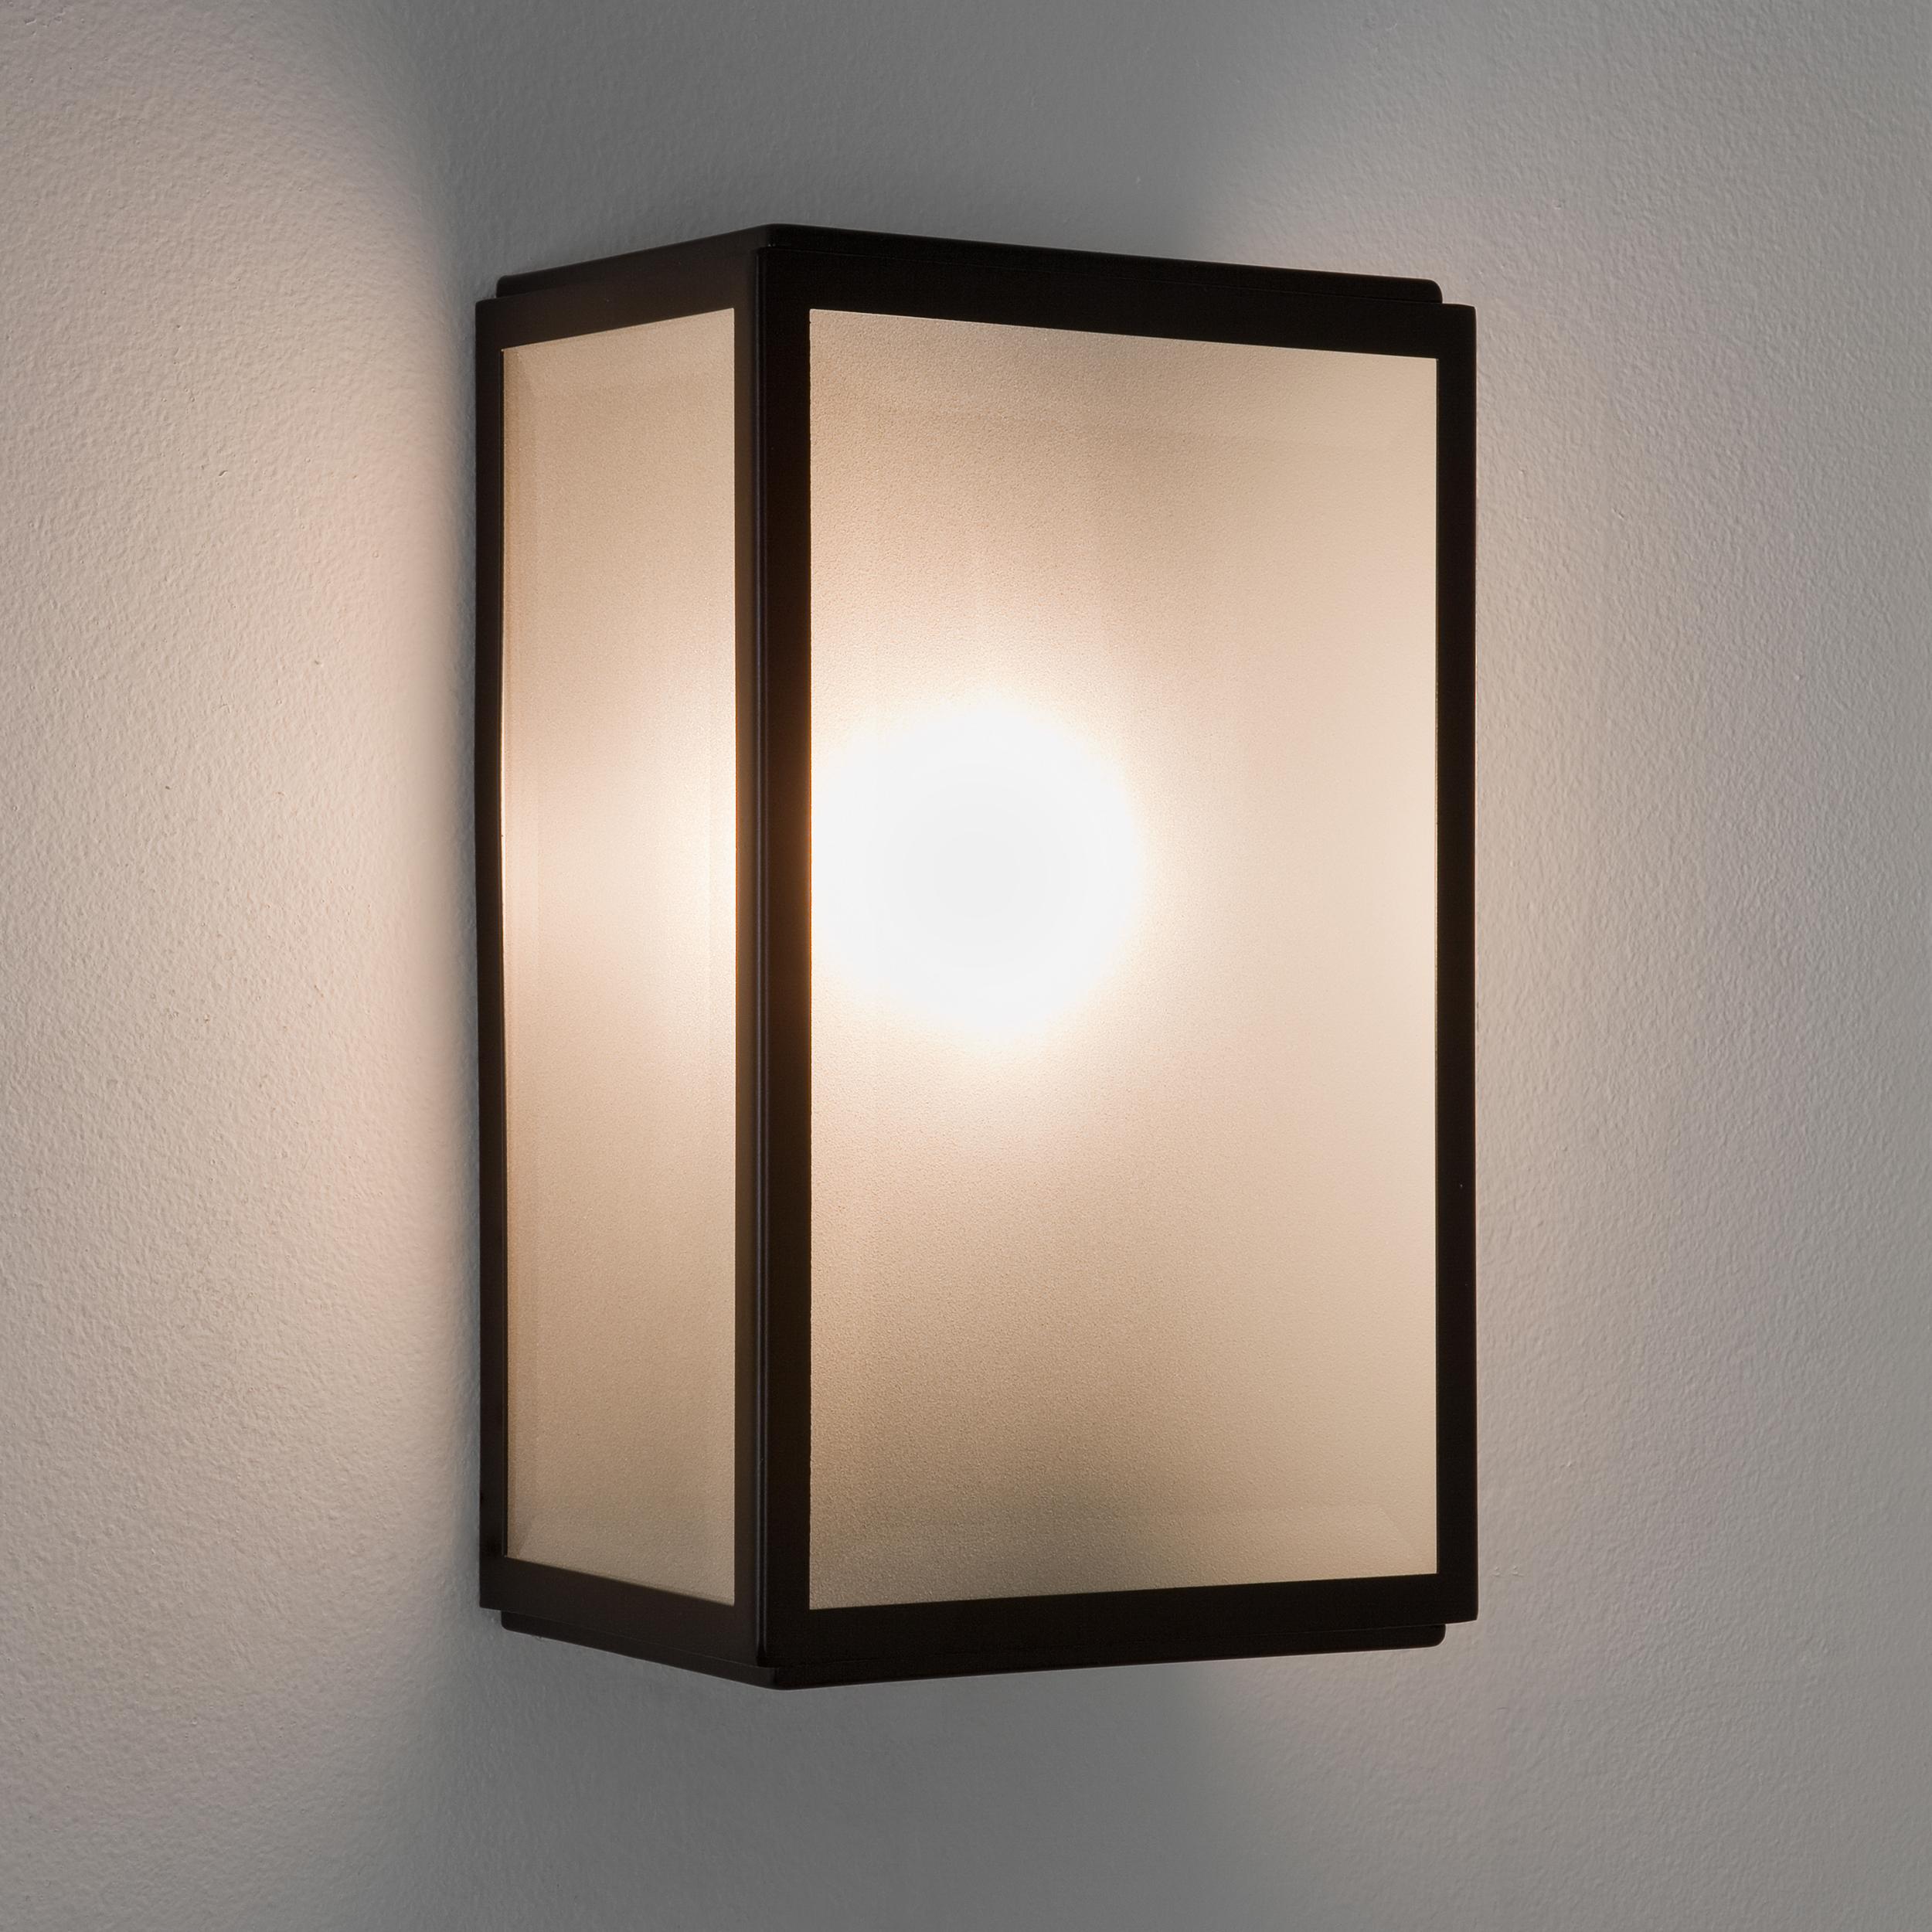 Настенный светильник Astro Homefield 1095011 (7266), IP44, 1xE27x60W, черный, стекло - фото 1